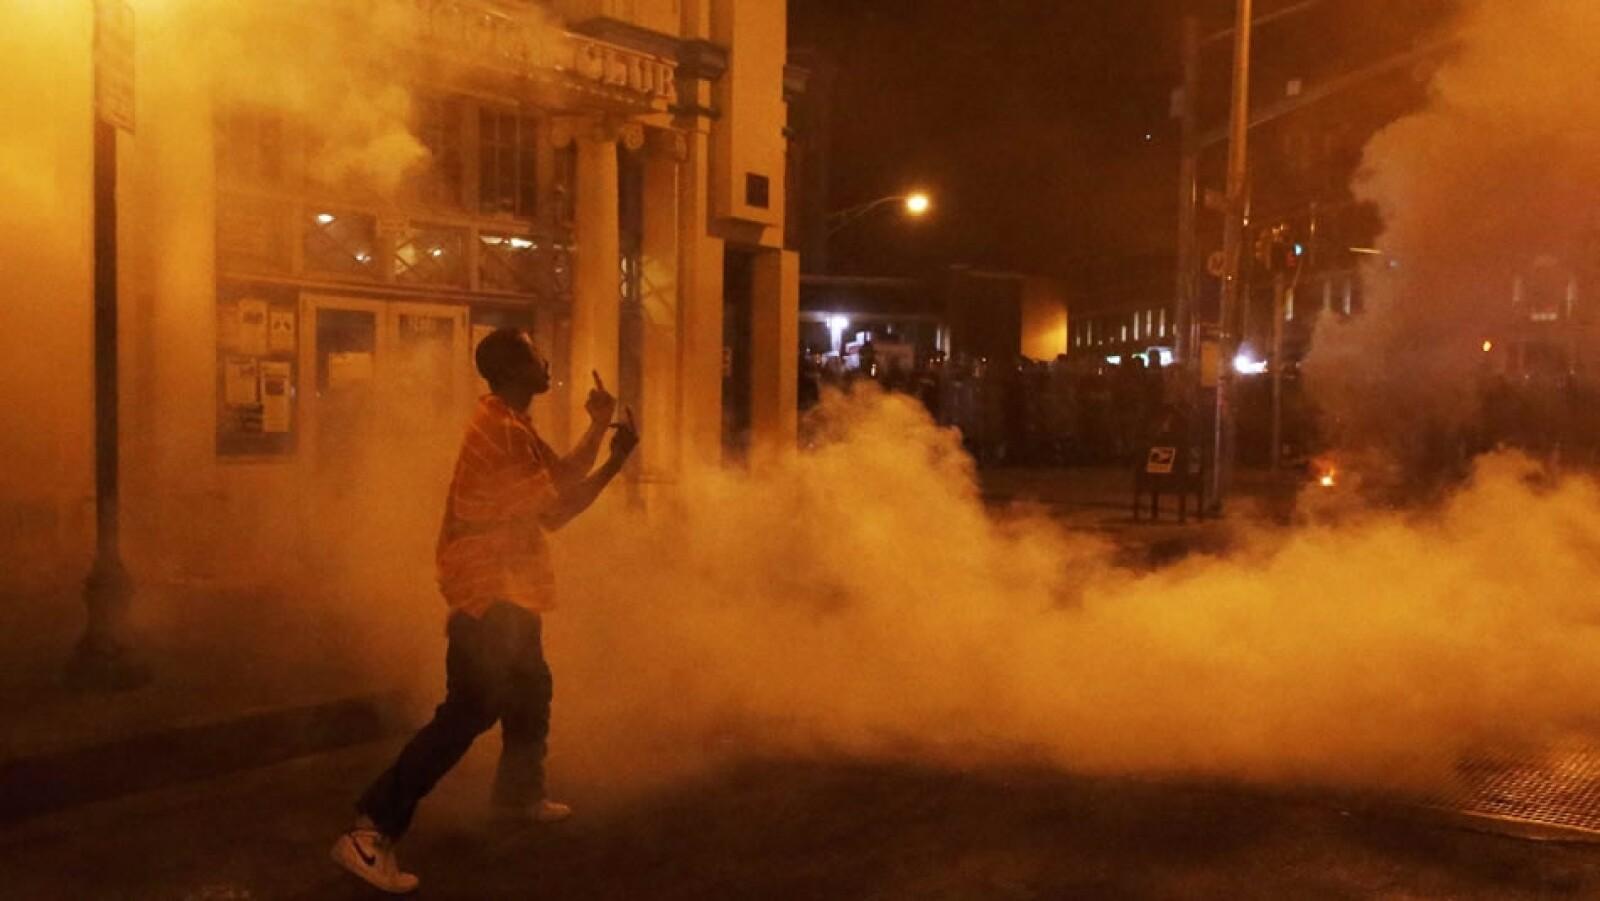 Otras personas optaron por retar a los policías pese a los gases lanzados en las calles de la ciudad de Maryland